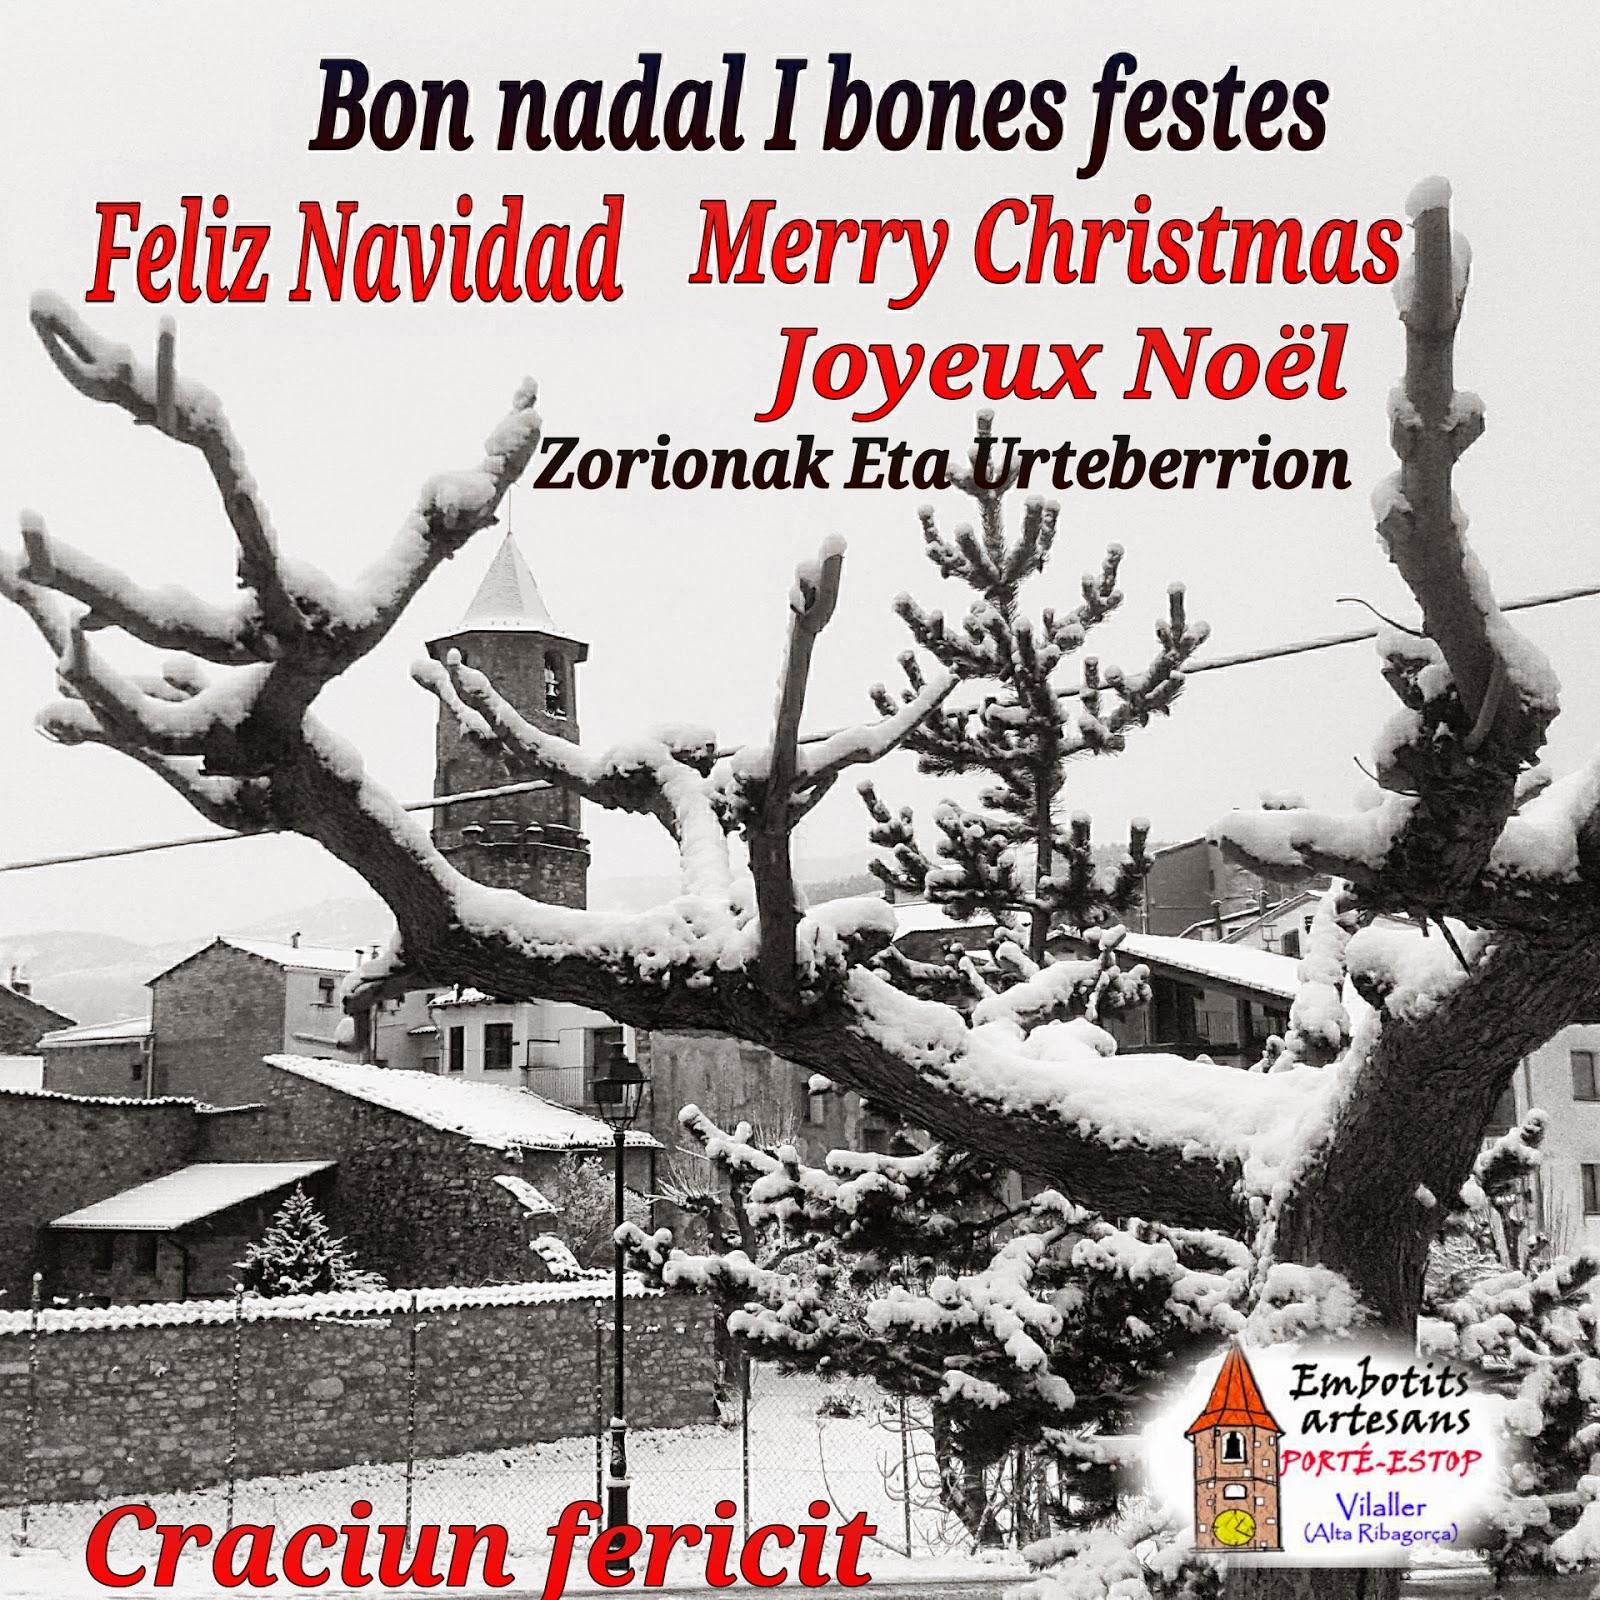 Bon nadal 14- Porté-Estop Vilaller (Alta ribagorça)